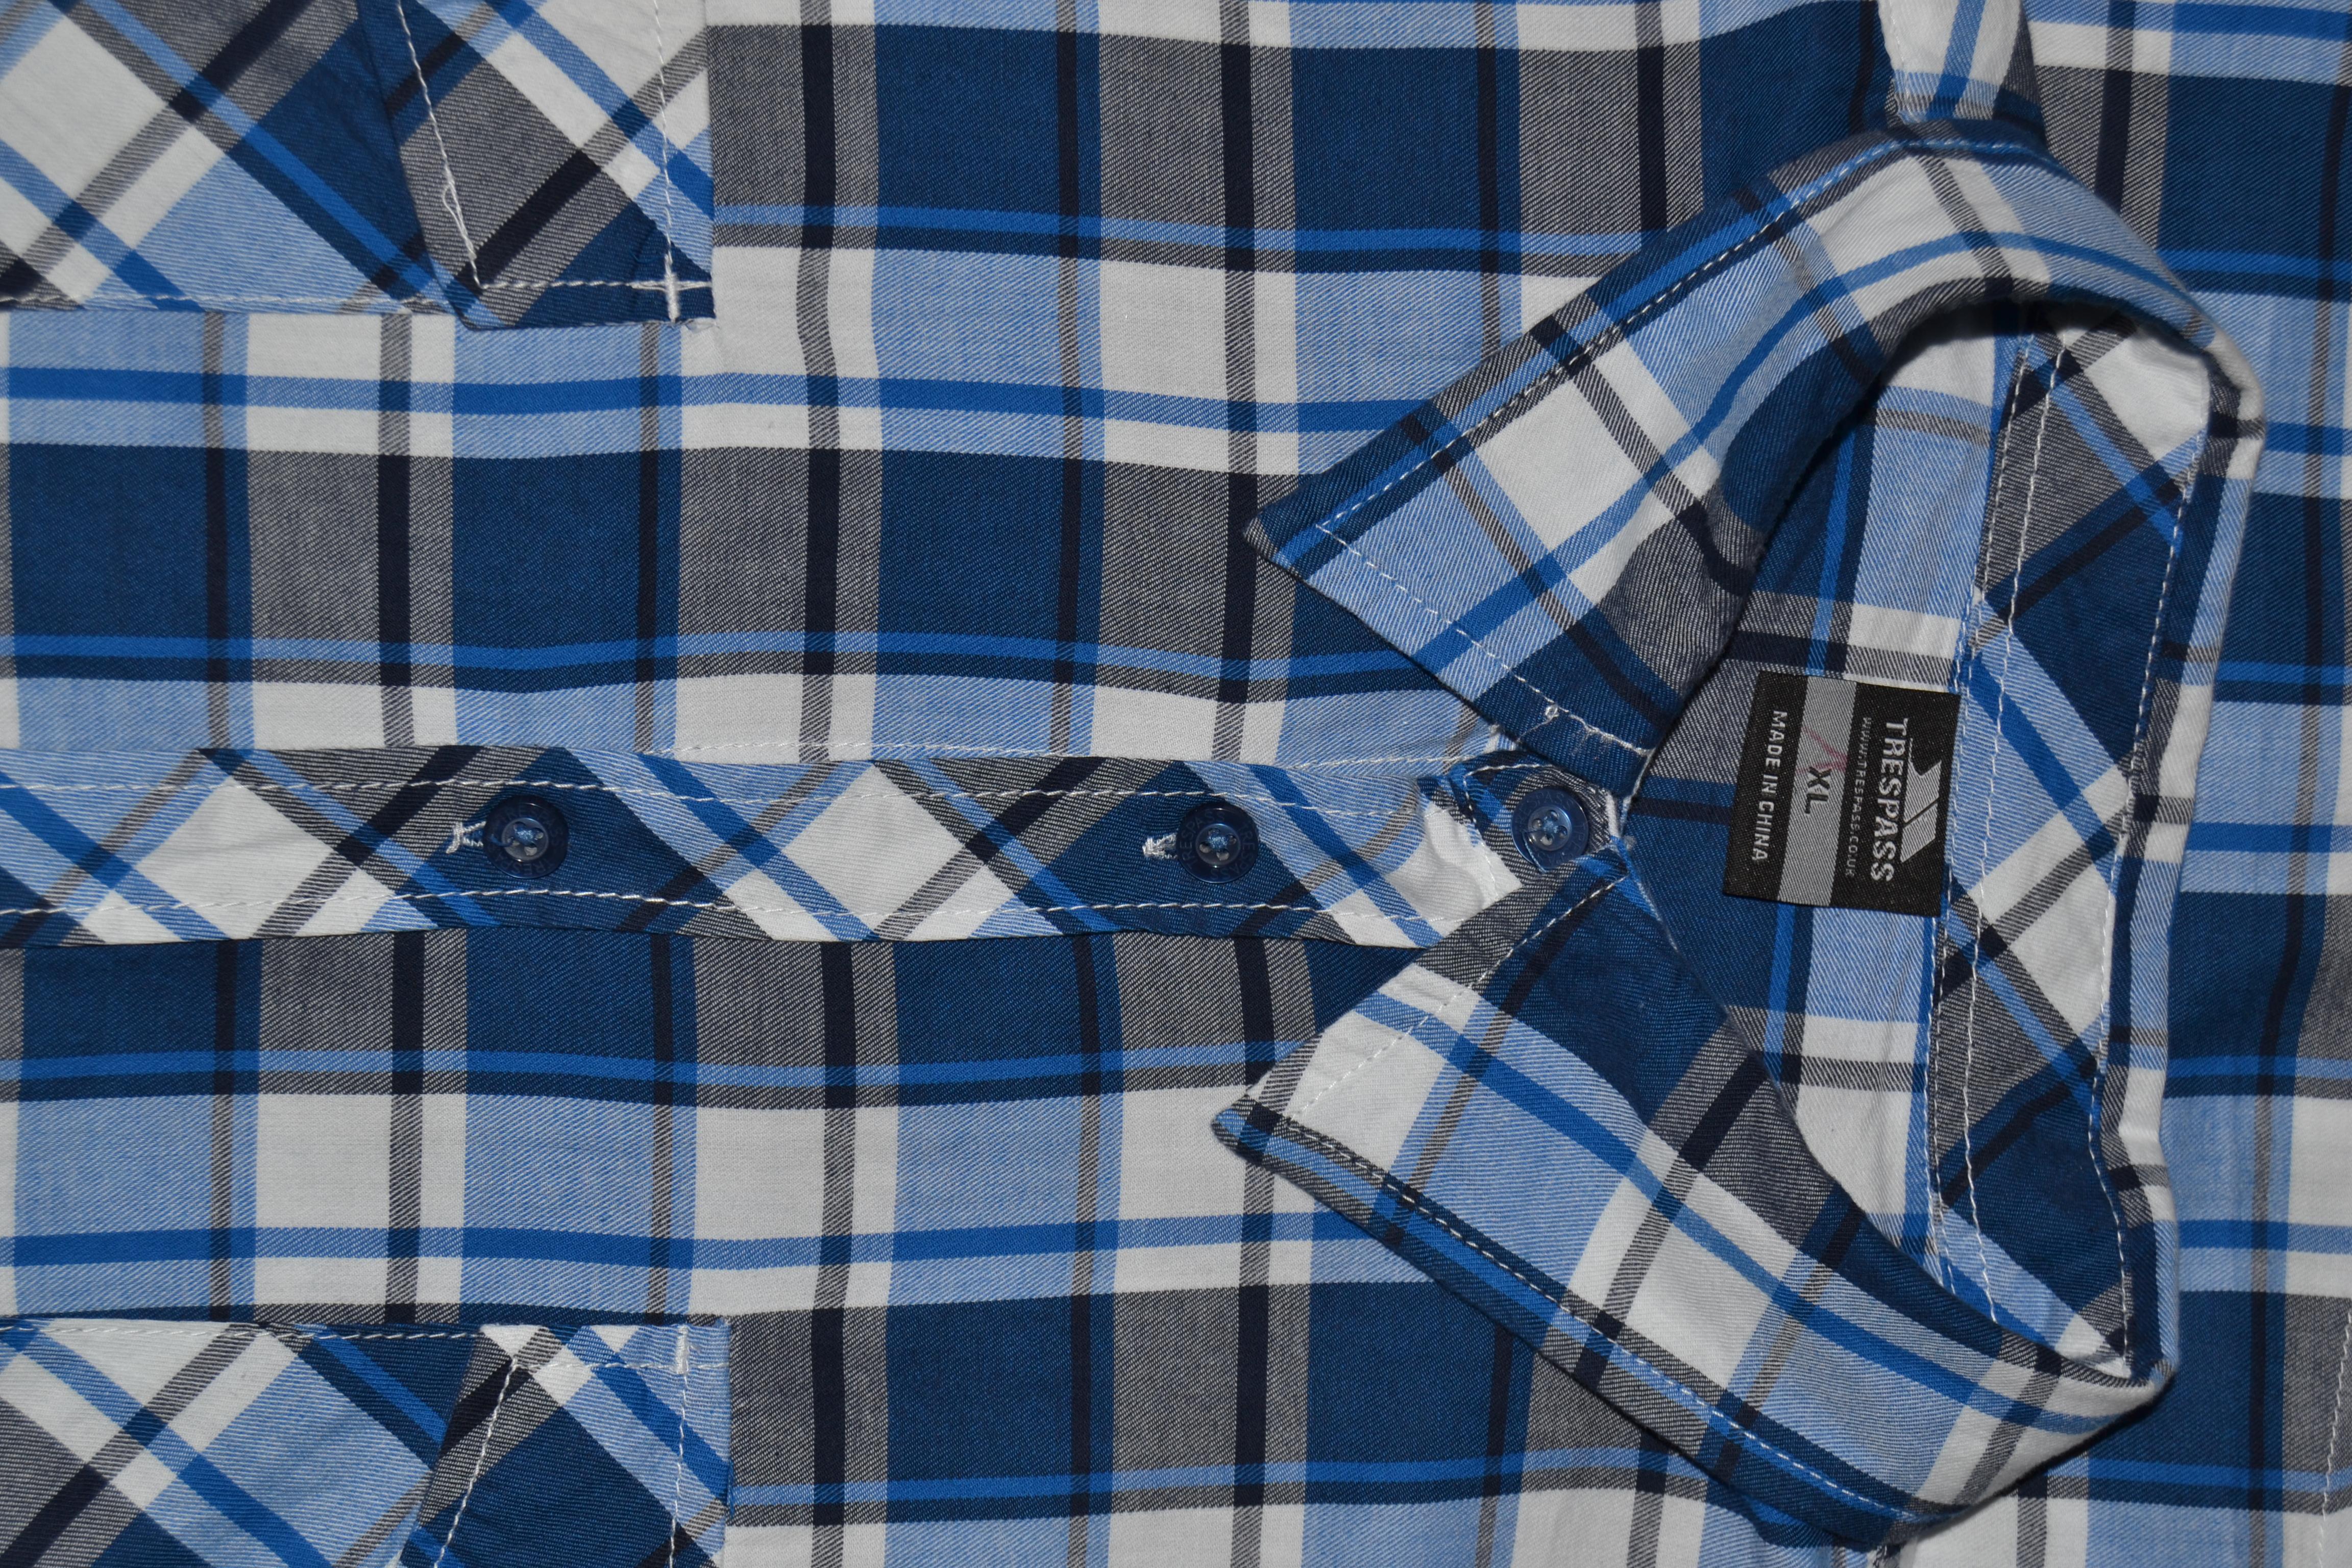 сток большой выбор рубашек разных размеров